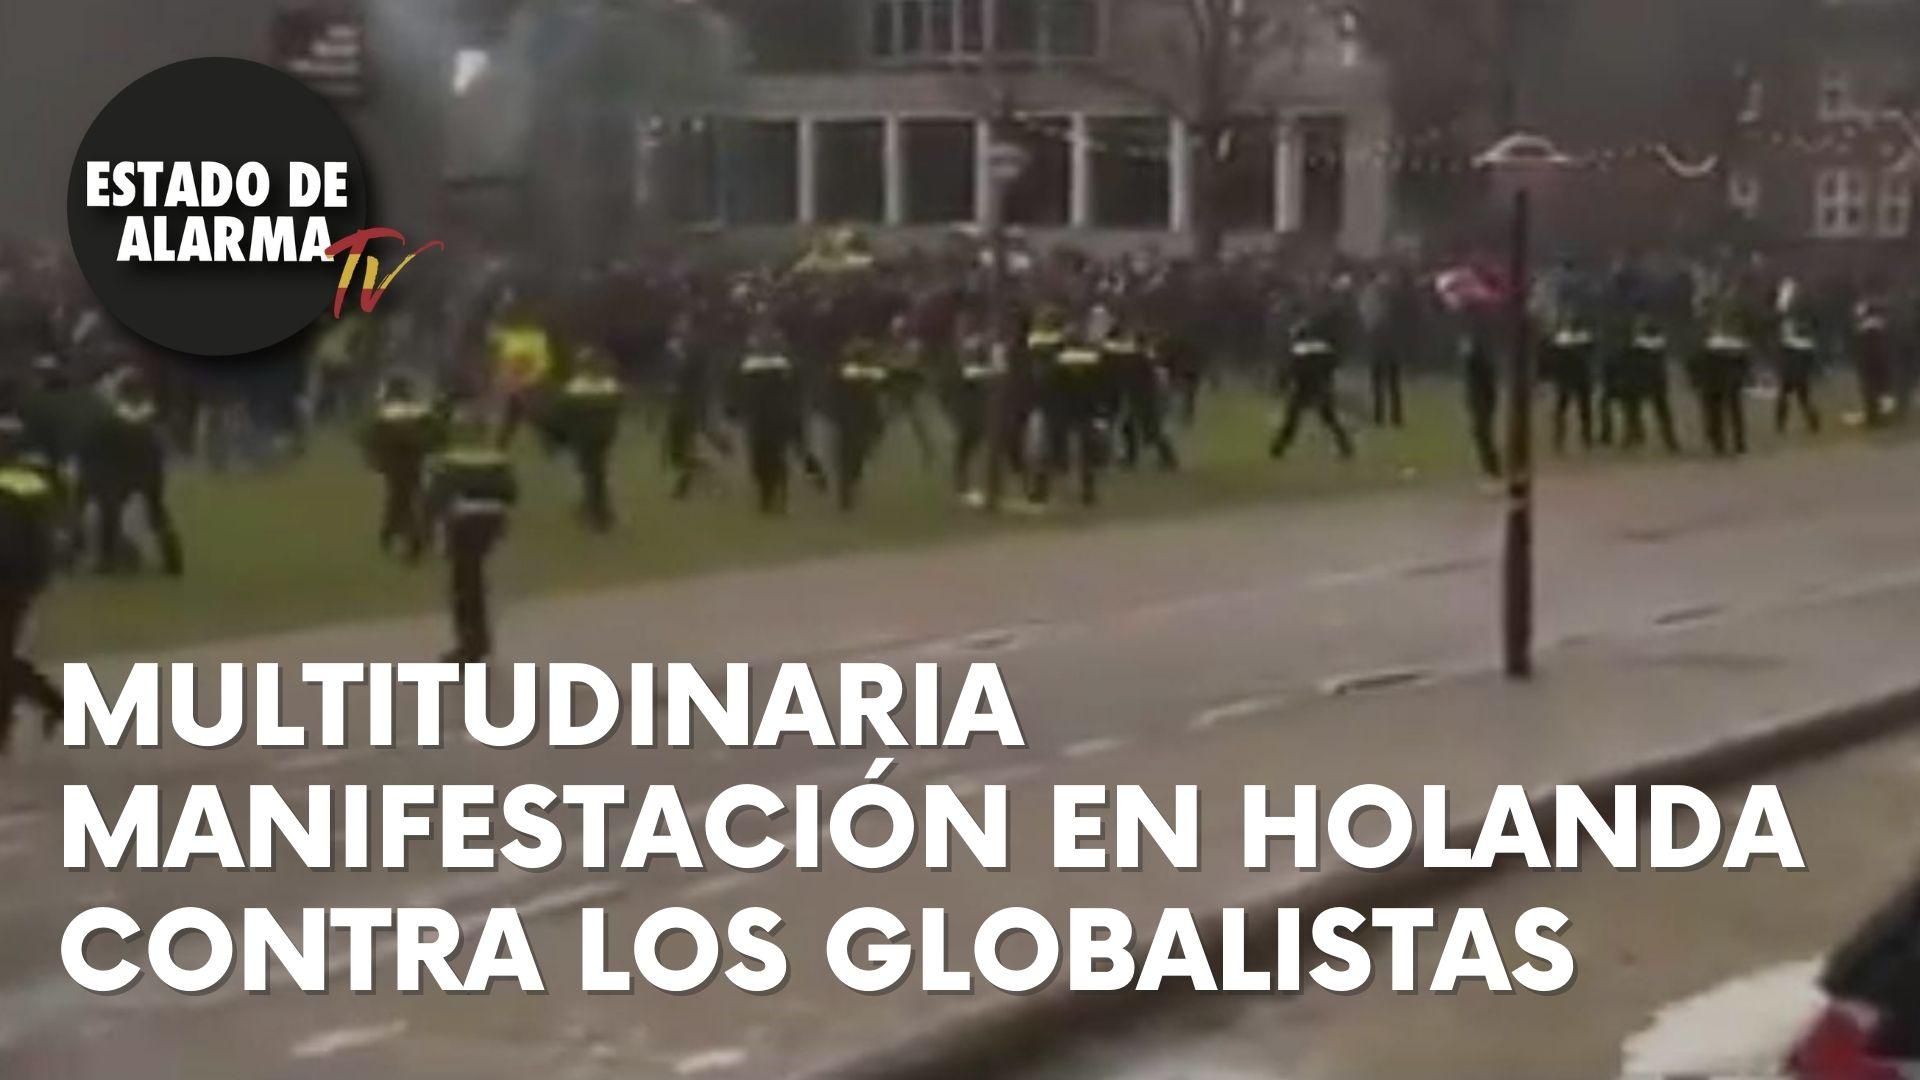 MULTITUDINARIA MANIFESTACIÓN EN HOLANDA CONTRA LOS GLOBALISTAS